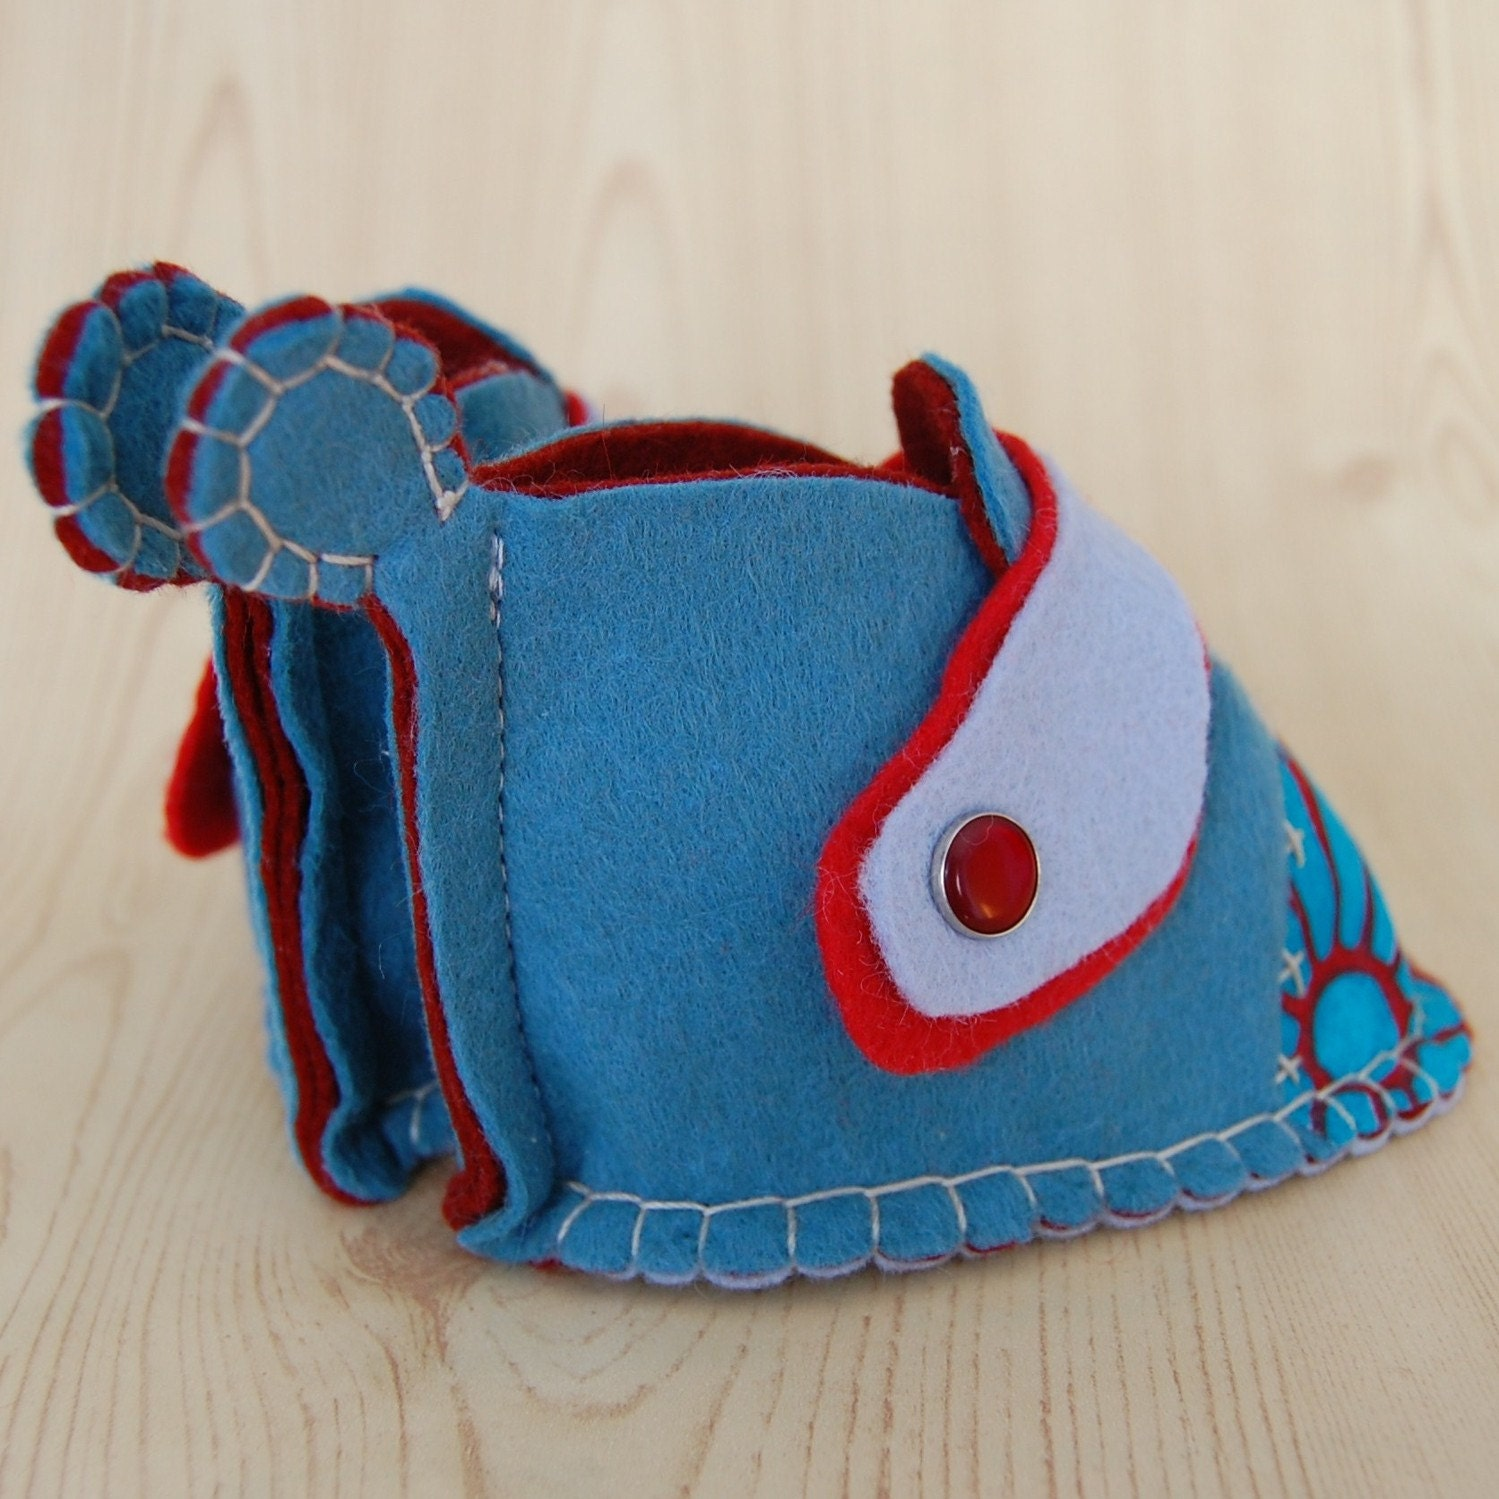 Войлок детская обувь с красными и синими Accent